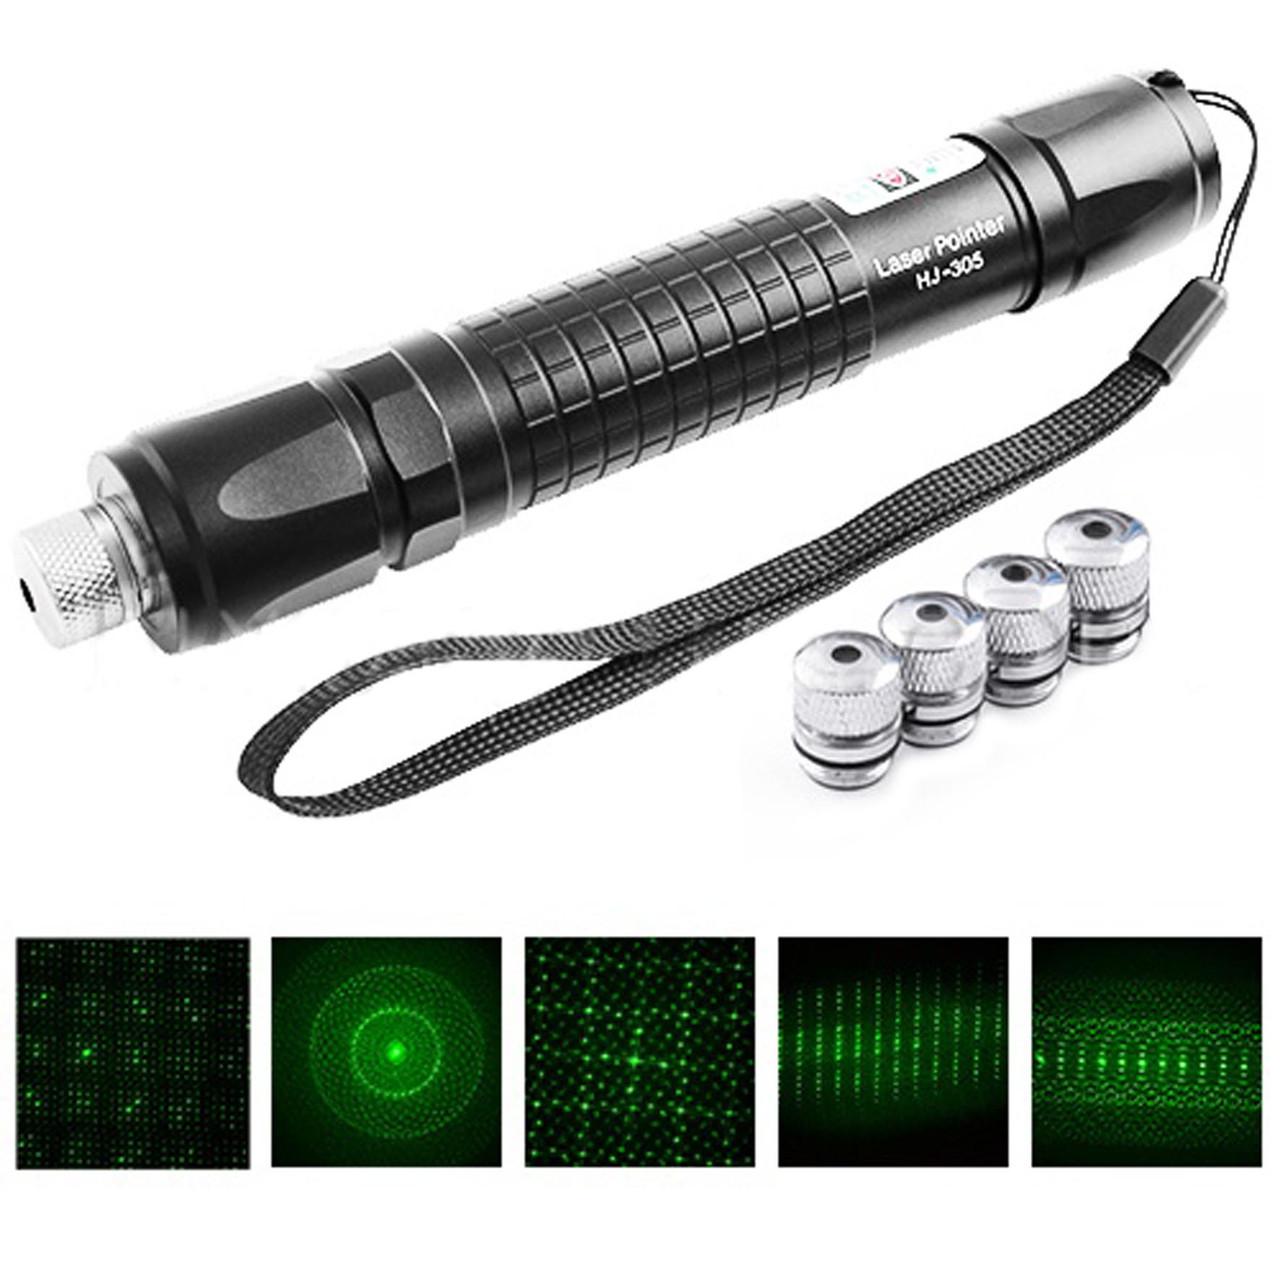 Лазерна указка HJ-305 — Зелений лазер з 5 насадками, в подарунковій коробці